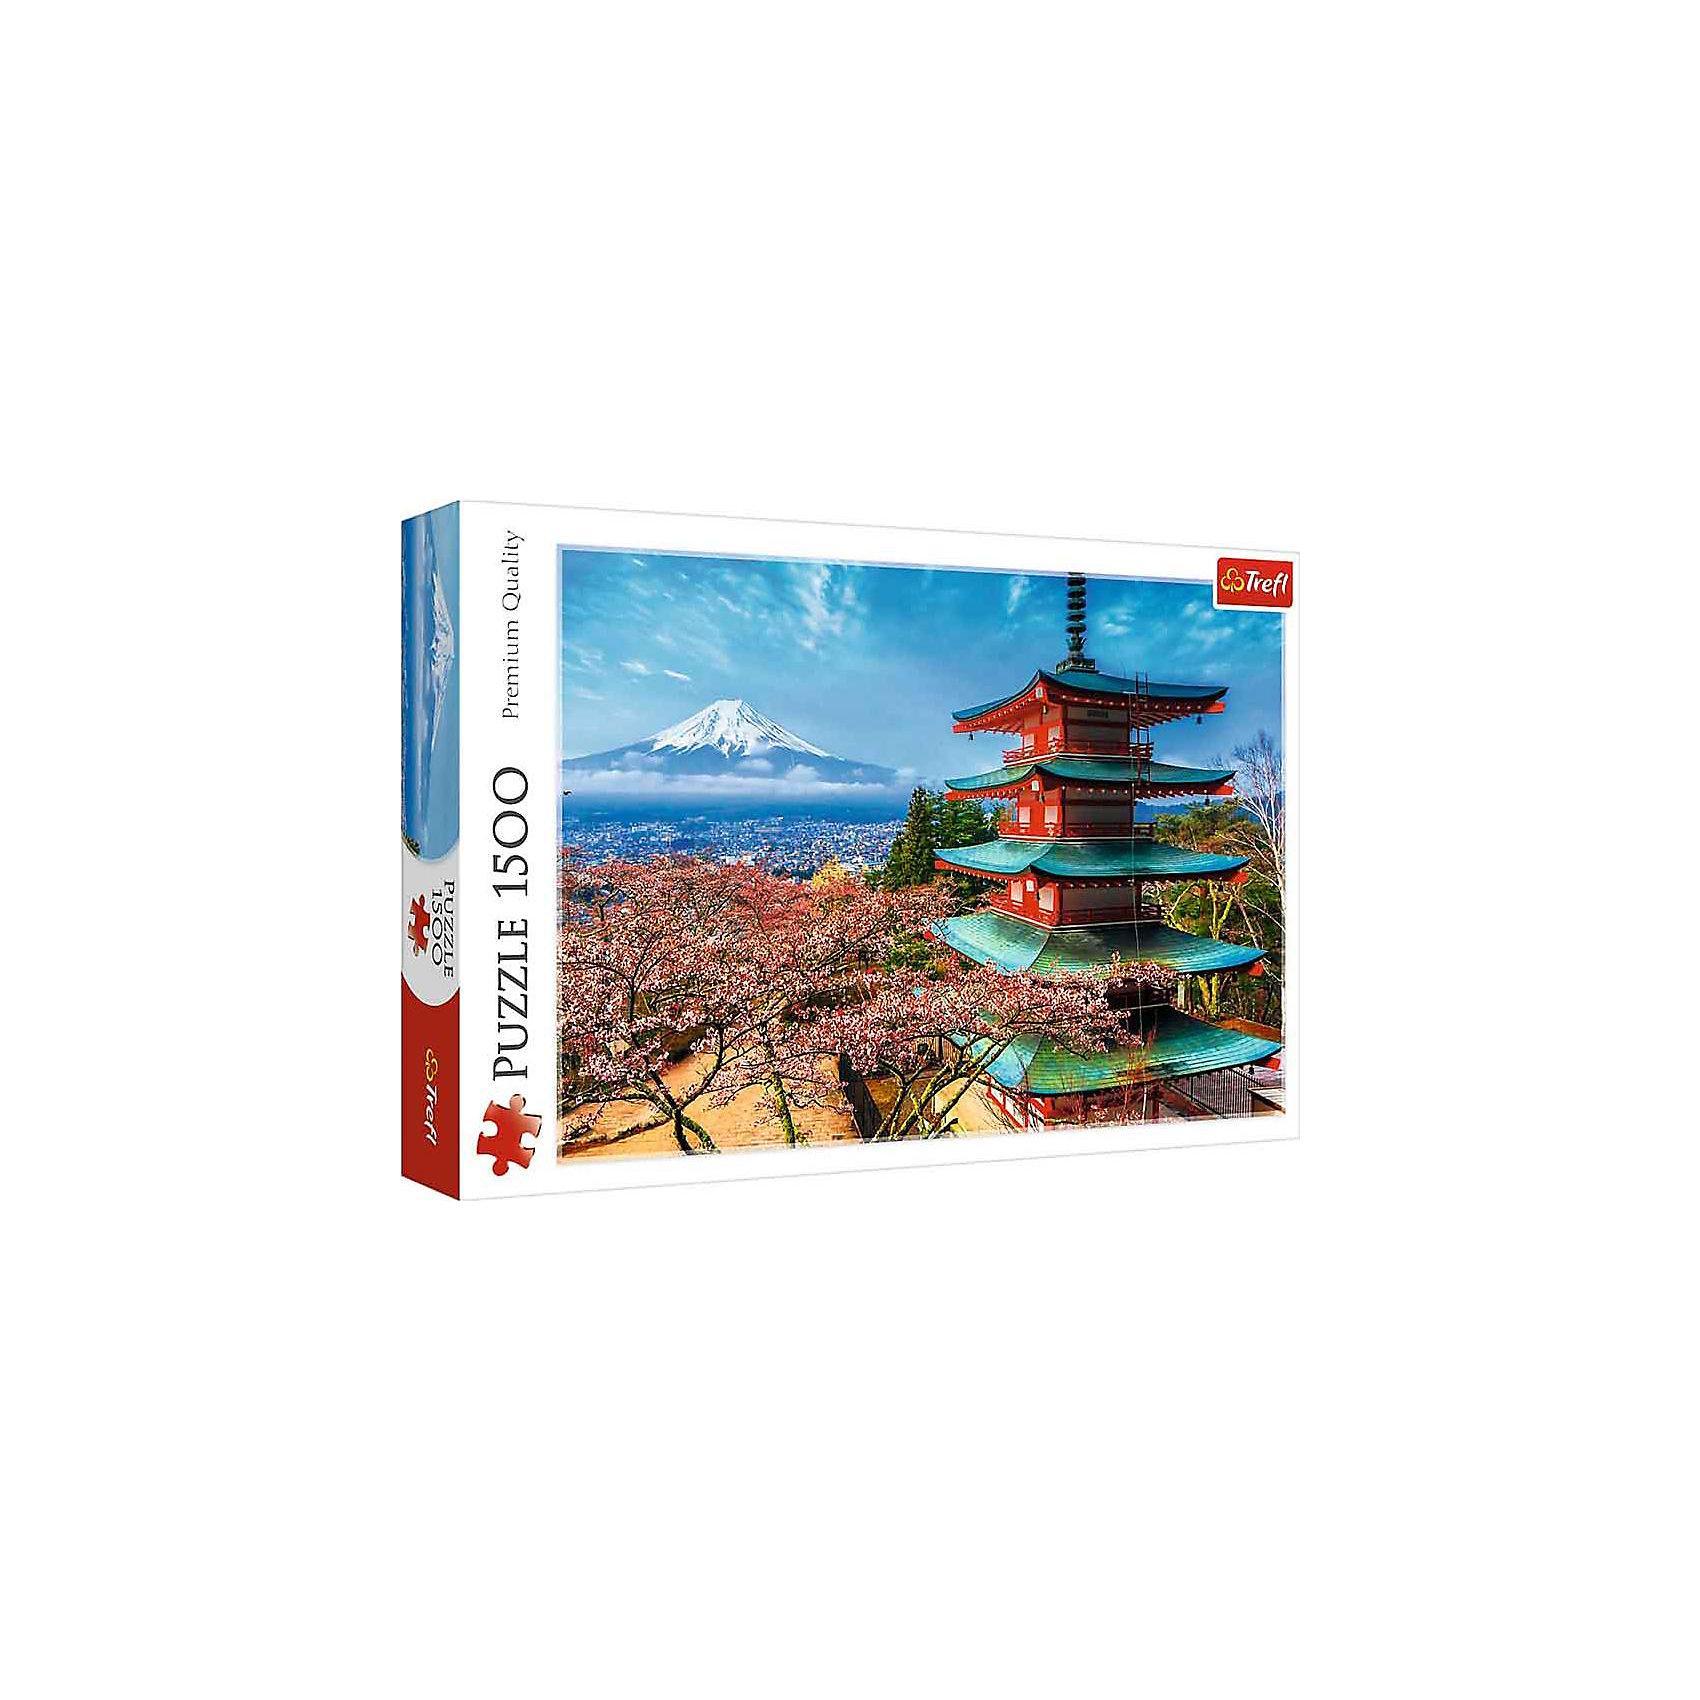 Пазлы «Гора Фудзи», 1500 деталейПазлы для детей постарше<br>Пазл «Гора Фудзи» от Trefl на 1500 деталей – это медитативный вид на самый знаменитый вулкан Японии. Изящная пагода, цветущая сакура, заснеженная вершина и белоснежная вершина в ослепительно голубых небесах – перенеситесь в Страну восходящего солнца вместе с пазлом от Трефл. <br>Процесс сборки этой картины – занятие не только увлекательное, но и приятное. Благодаря повышенной гладкости каландрированного картона, из которого изготовлены элементы «Горы Фудзи», детали хорошо перебирать рукой. А качество их сцепки при этом безупречно. Утолщенный картон позволяет пазлу служить долго, собирать его можно много раз. Антибликовое покрытие позволит делать это при любом освещении. А яркие краски со временем не выцветают. <br>Количество деталей: 1500. <br>Размеры картинки в собранном виде: 85х58 см. <br>Размеры коробки: 40,1х27х6 см. <br>Вес коробки: 1,05 кг. <br>Пазл предназначен для детей старше 12 лет.<br><br>Ширина мм: 410<br>Глубина мм: 378<br>Высота мм: 270<br>Вес г: 980<br>Возраст от месяцев: 144<br>Возраст до месяцев: 2147483647<br>Пол: Унисекс<br>Возраст: Детский<br>SKU: 7126349